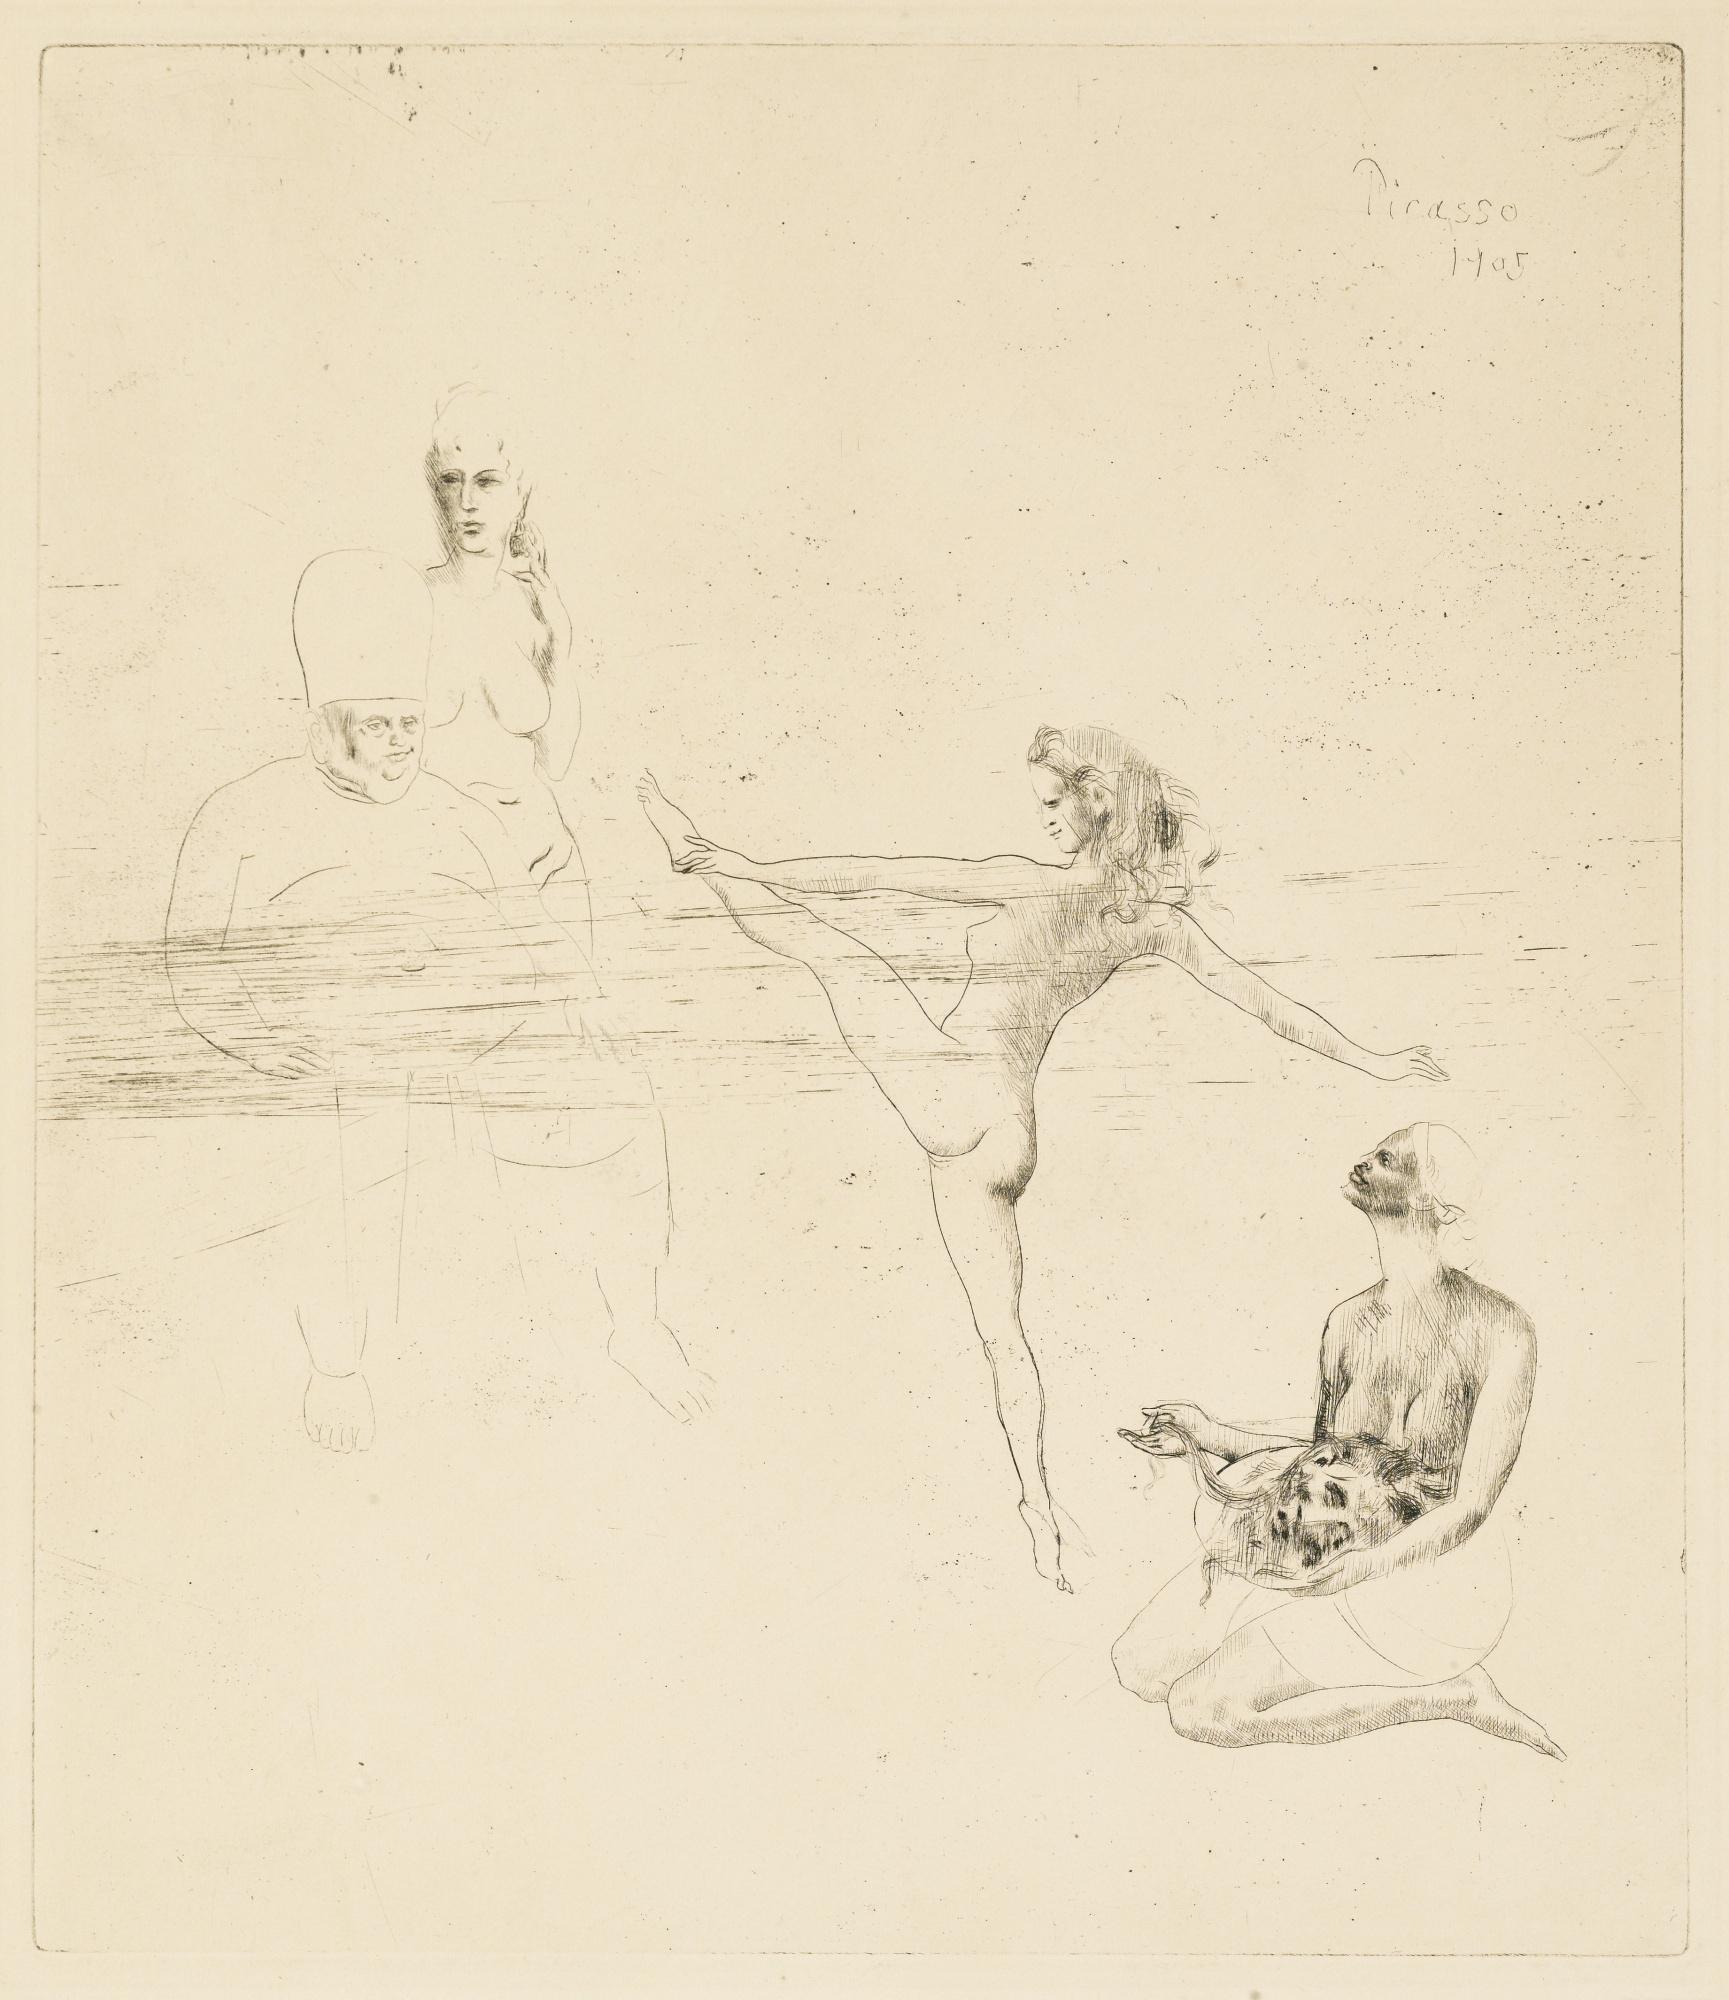 Pablo Picasso - la suite des saltimbanques, 14 encres ans dessins au crayons de 1906-05 , ed° Ambroise Vollard, Paris, 1923